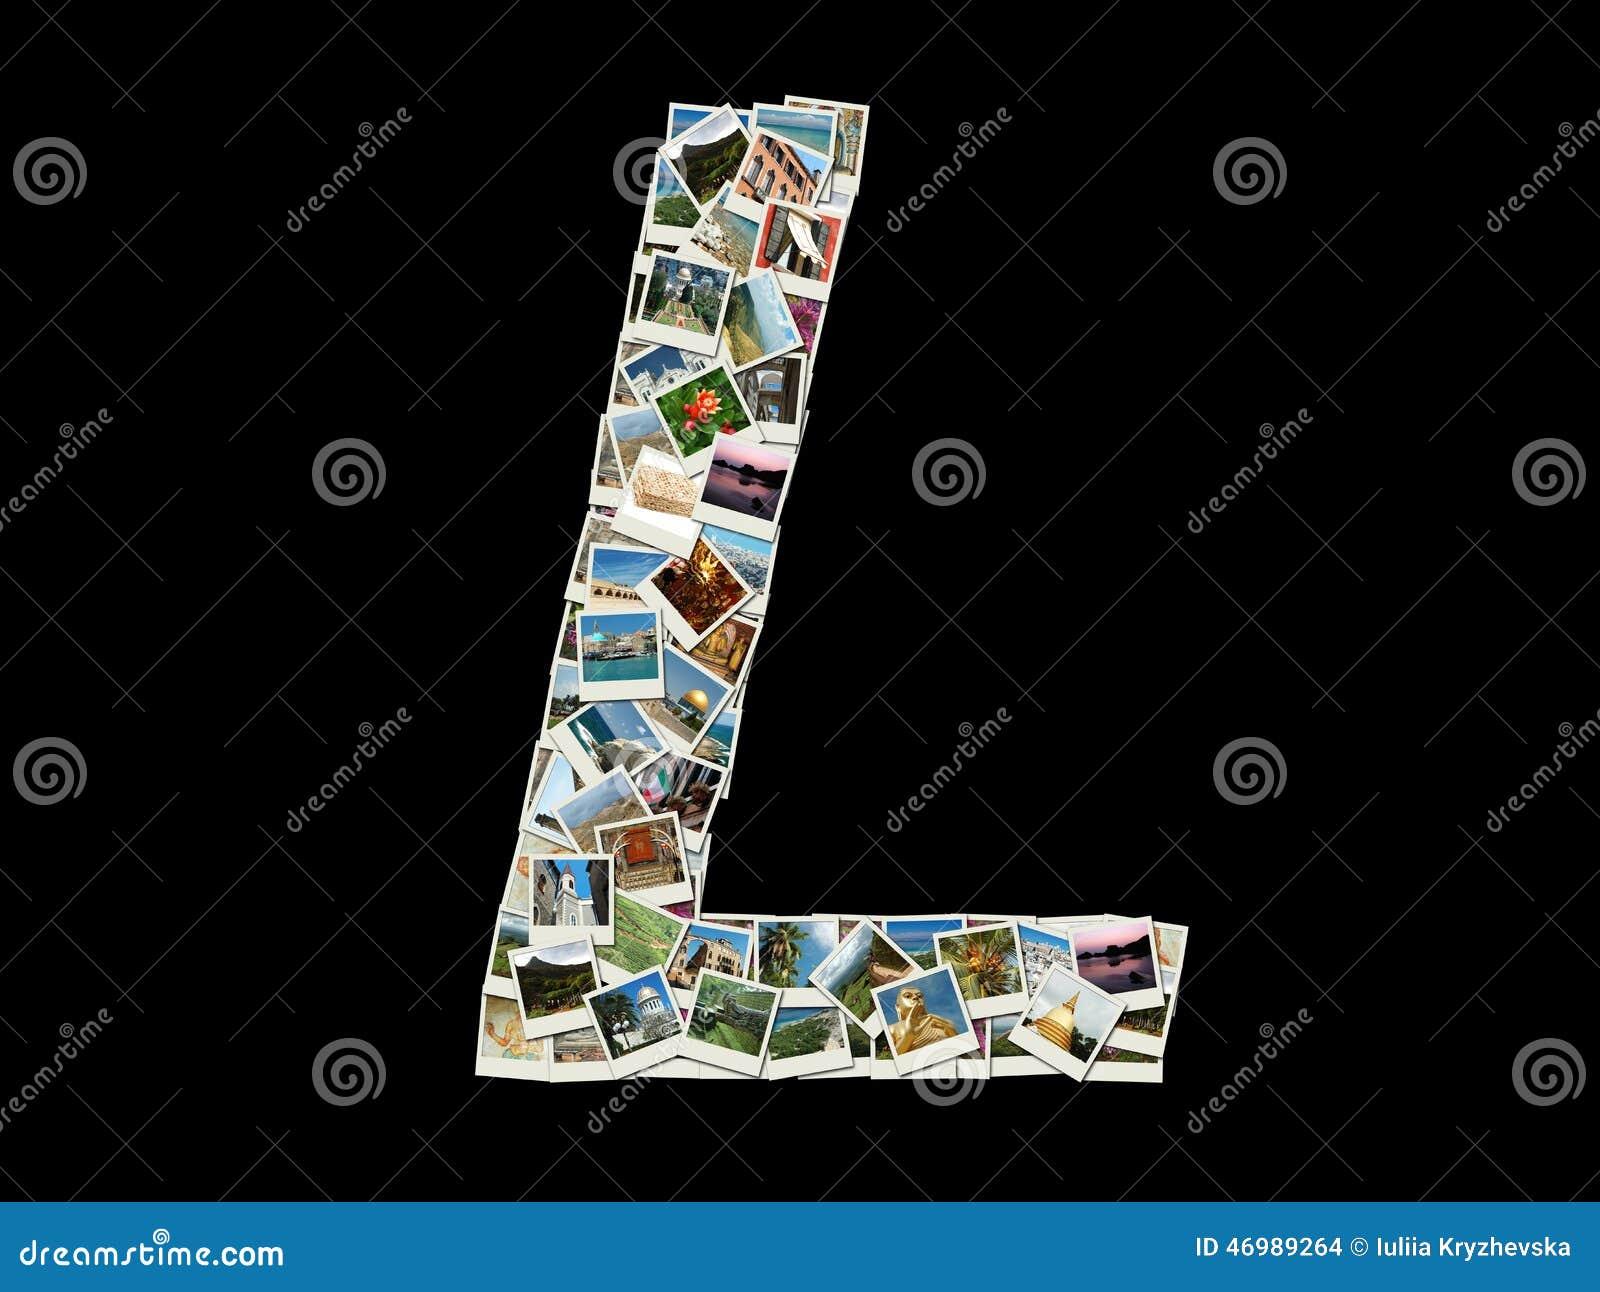 Letra L do alfabeto latino feita como a colagem de fotos do curso